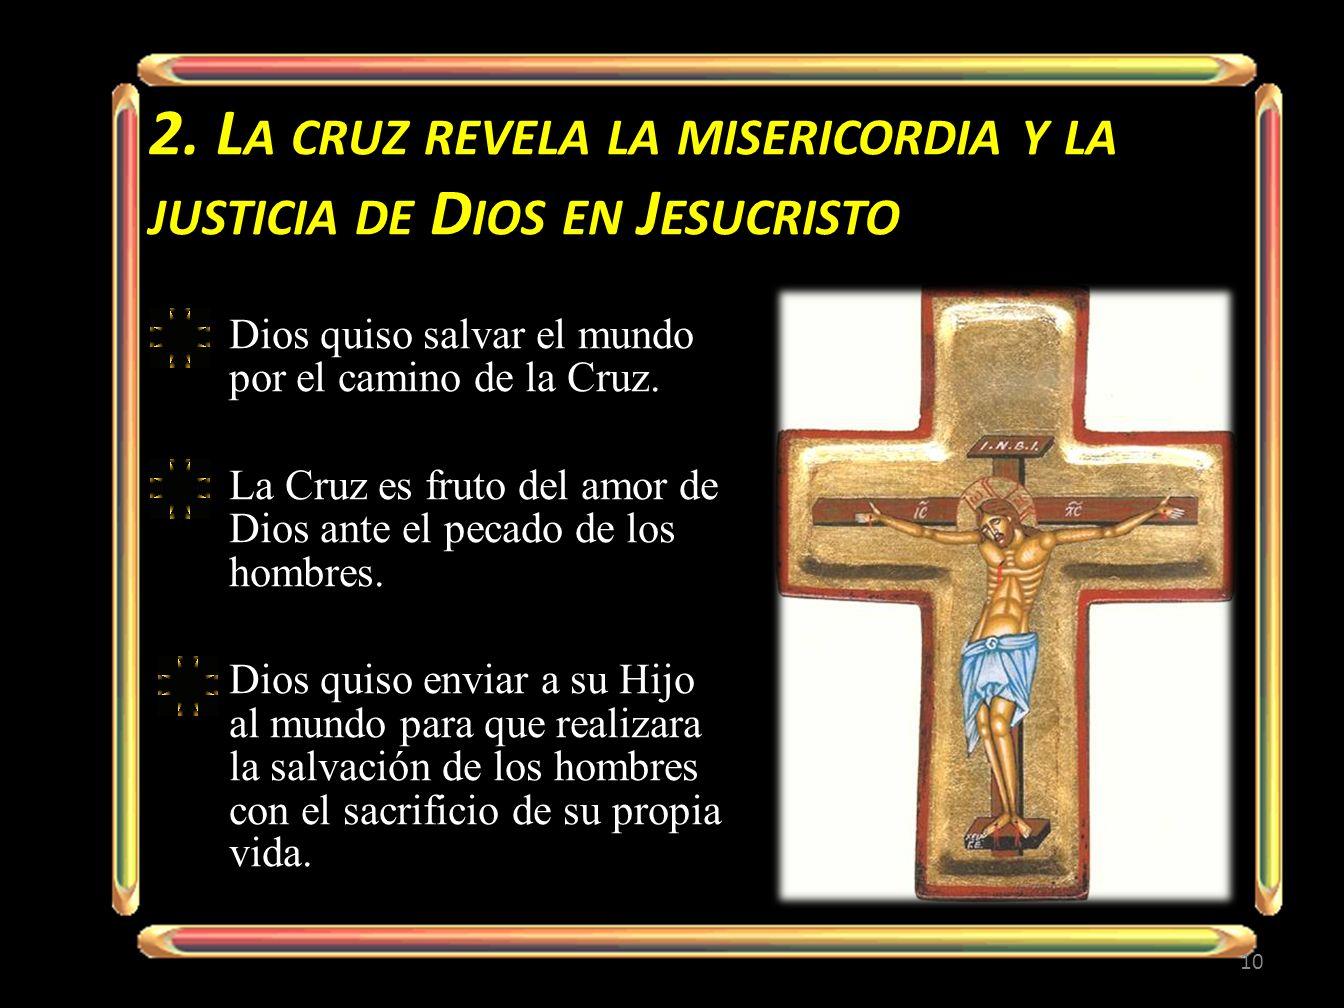 2. La cruz revela la misericordia y la justicia de Dios en Jesucristo